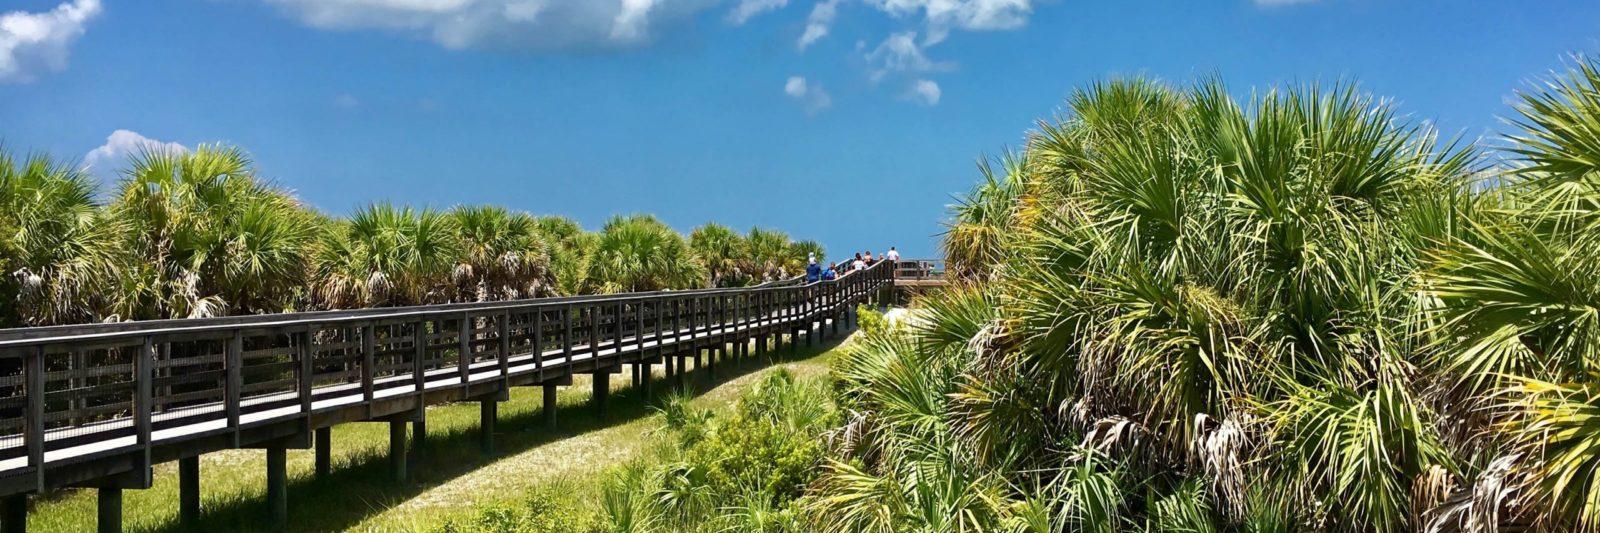 Caladesi Island entry boardwalk